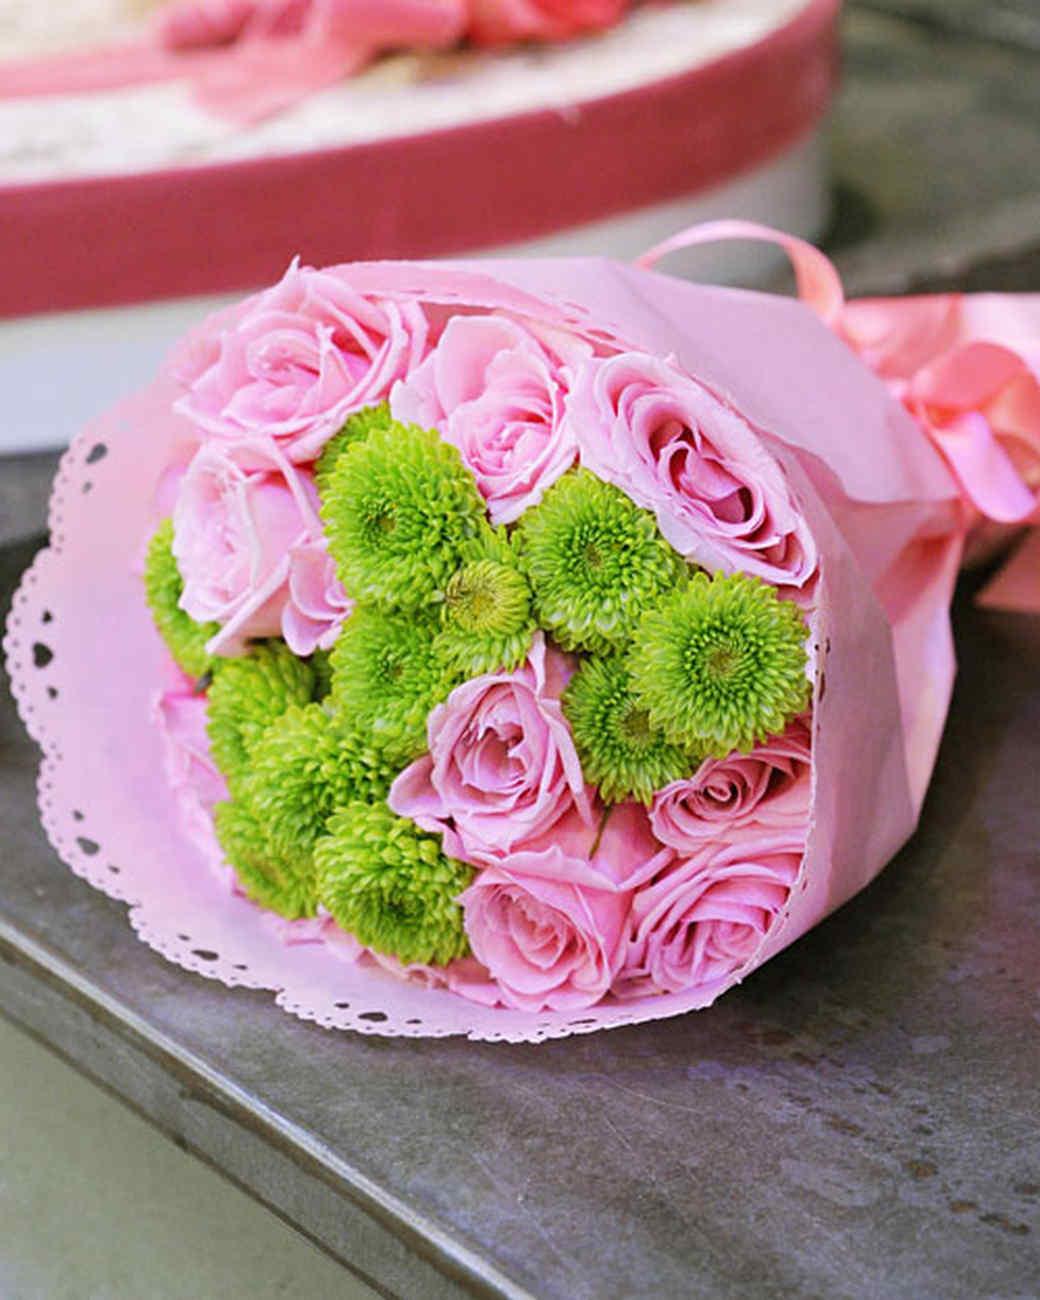 6099_020911_bouquet.jpg